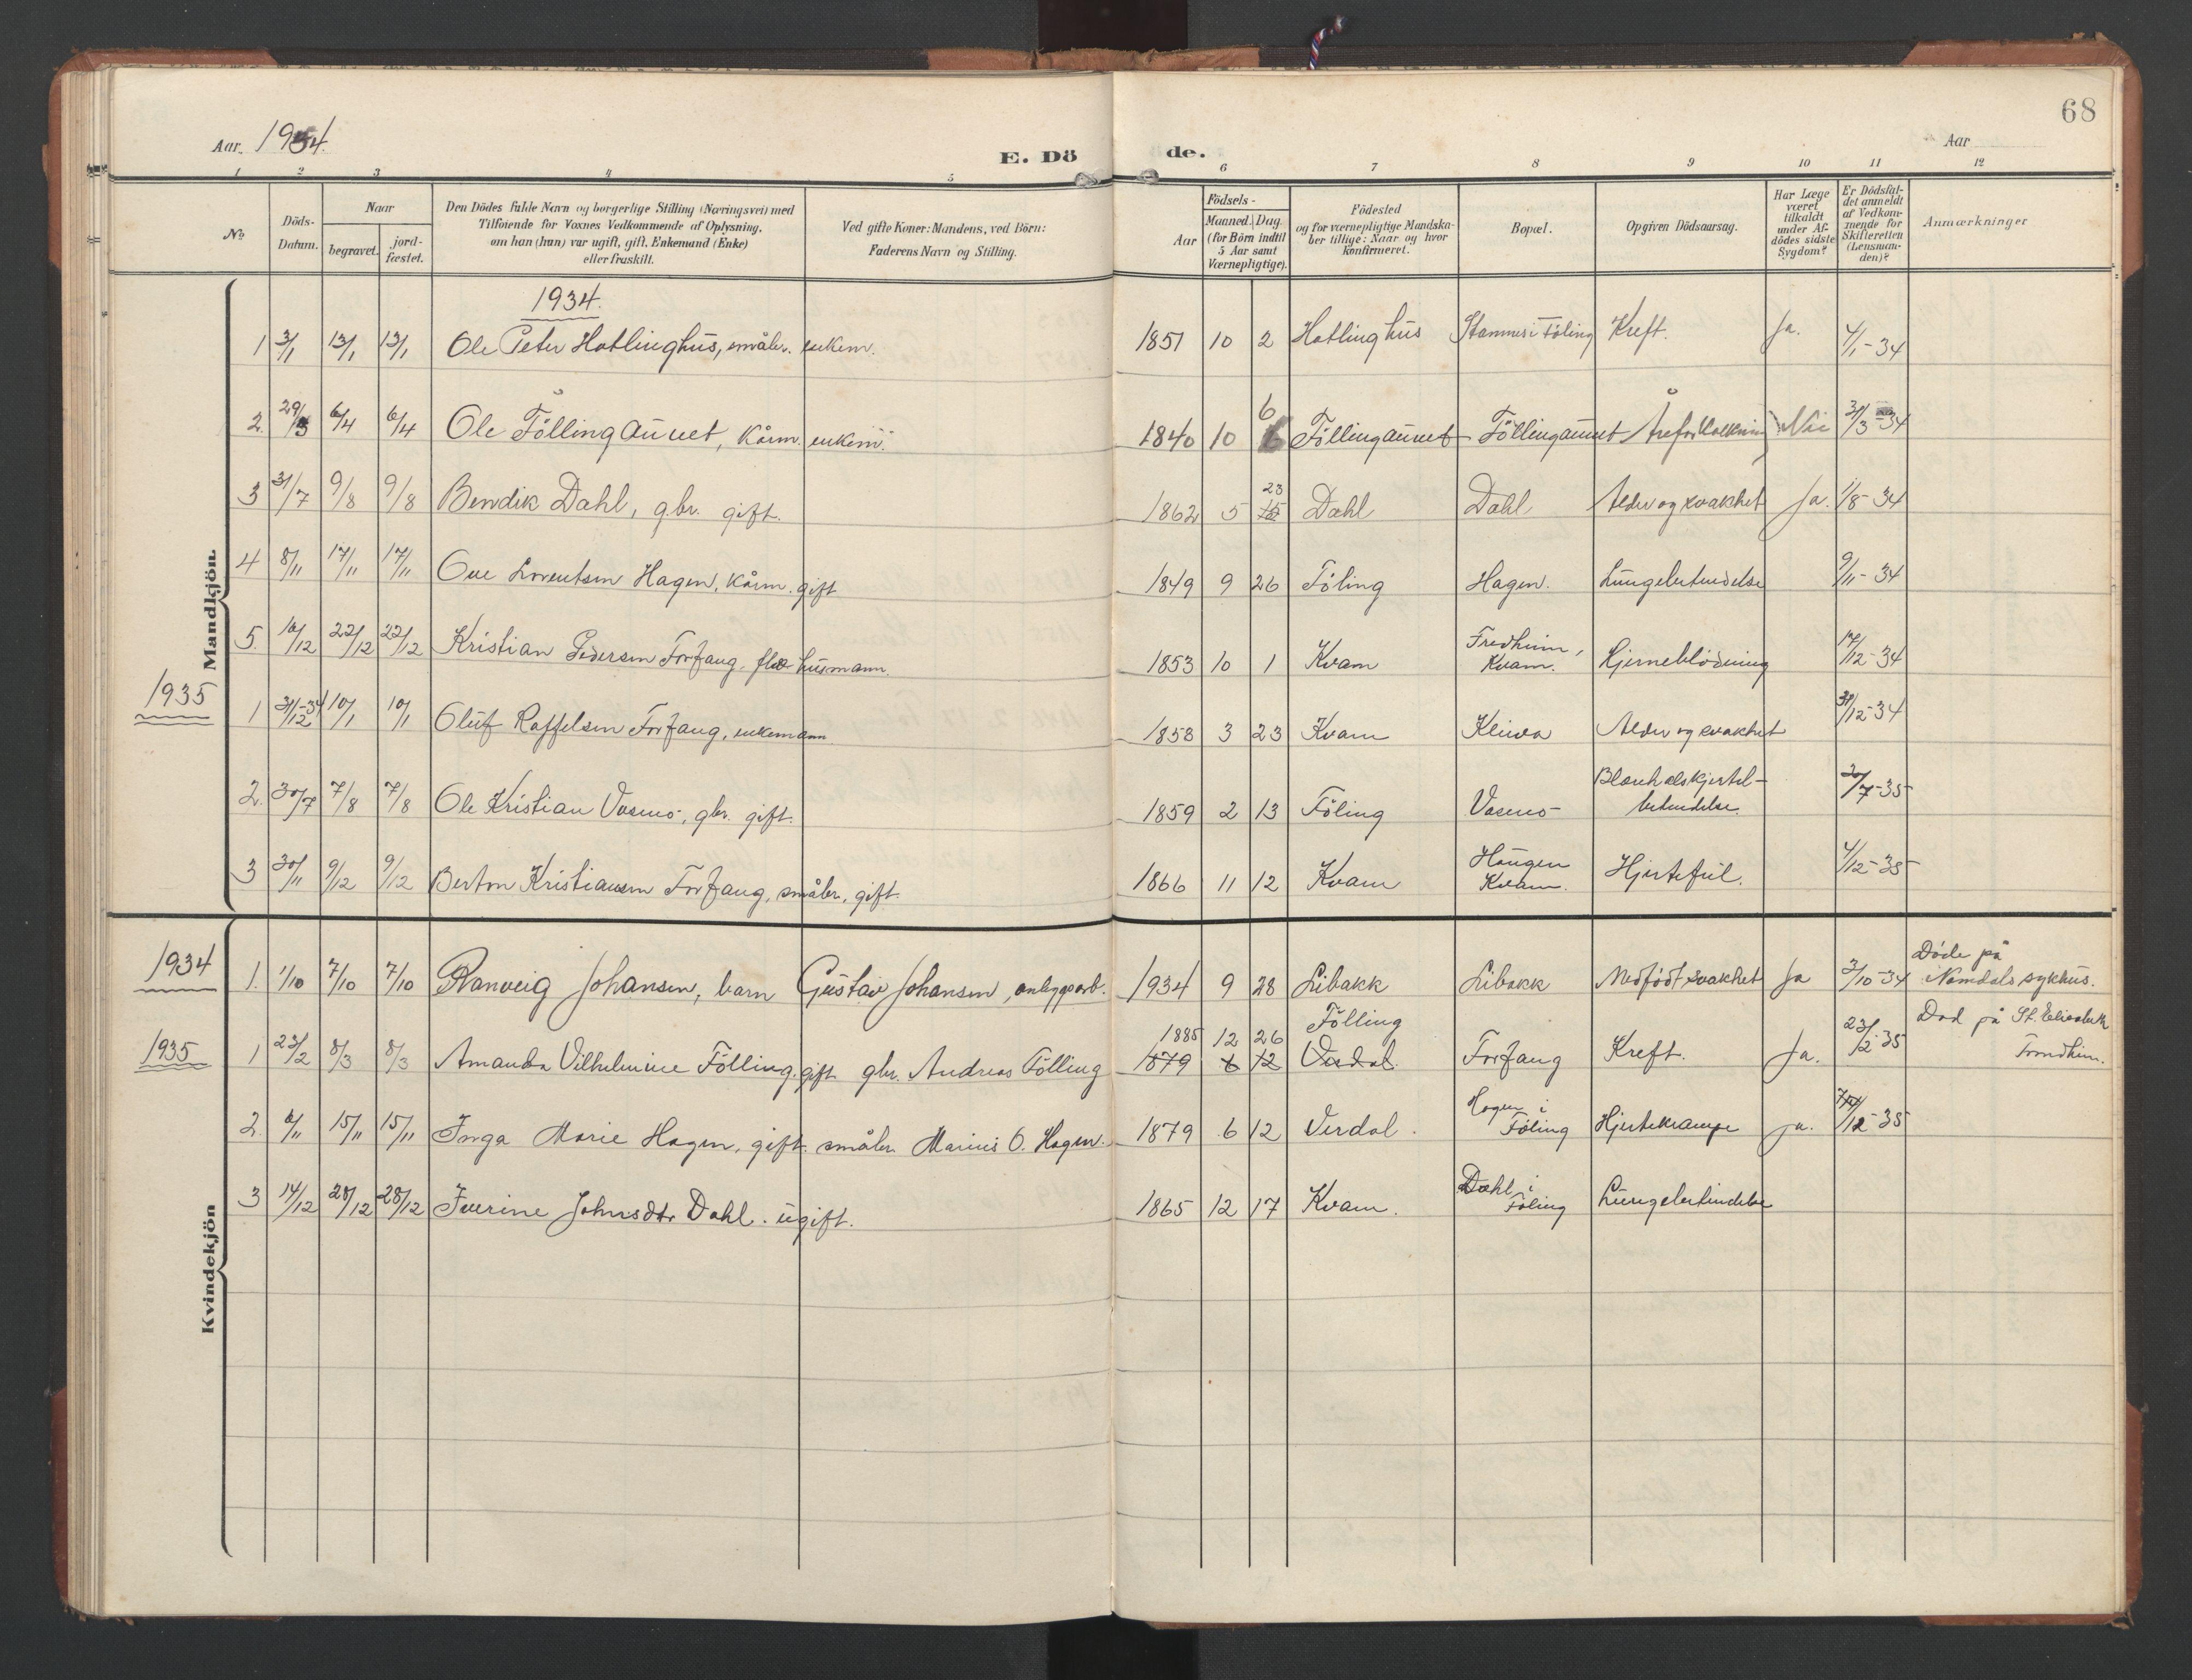 SAT, Ministerialprotokoller, klokkerbøker og fødselsregistre - Nord-Trøndelag, 748/L0465: Klokkerbok nr. 748C01, 1908-1960, s. 68